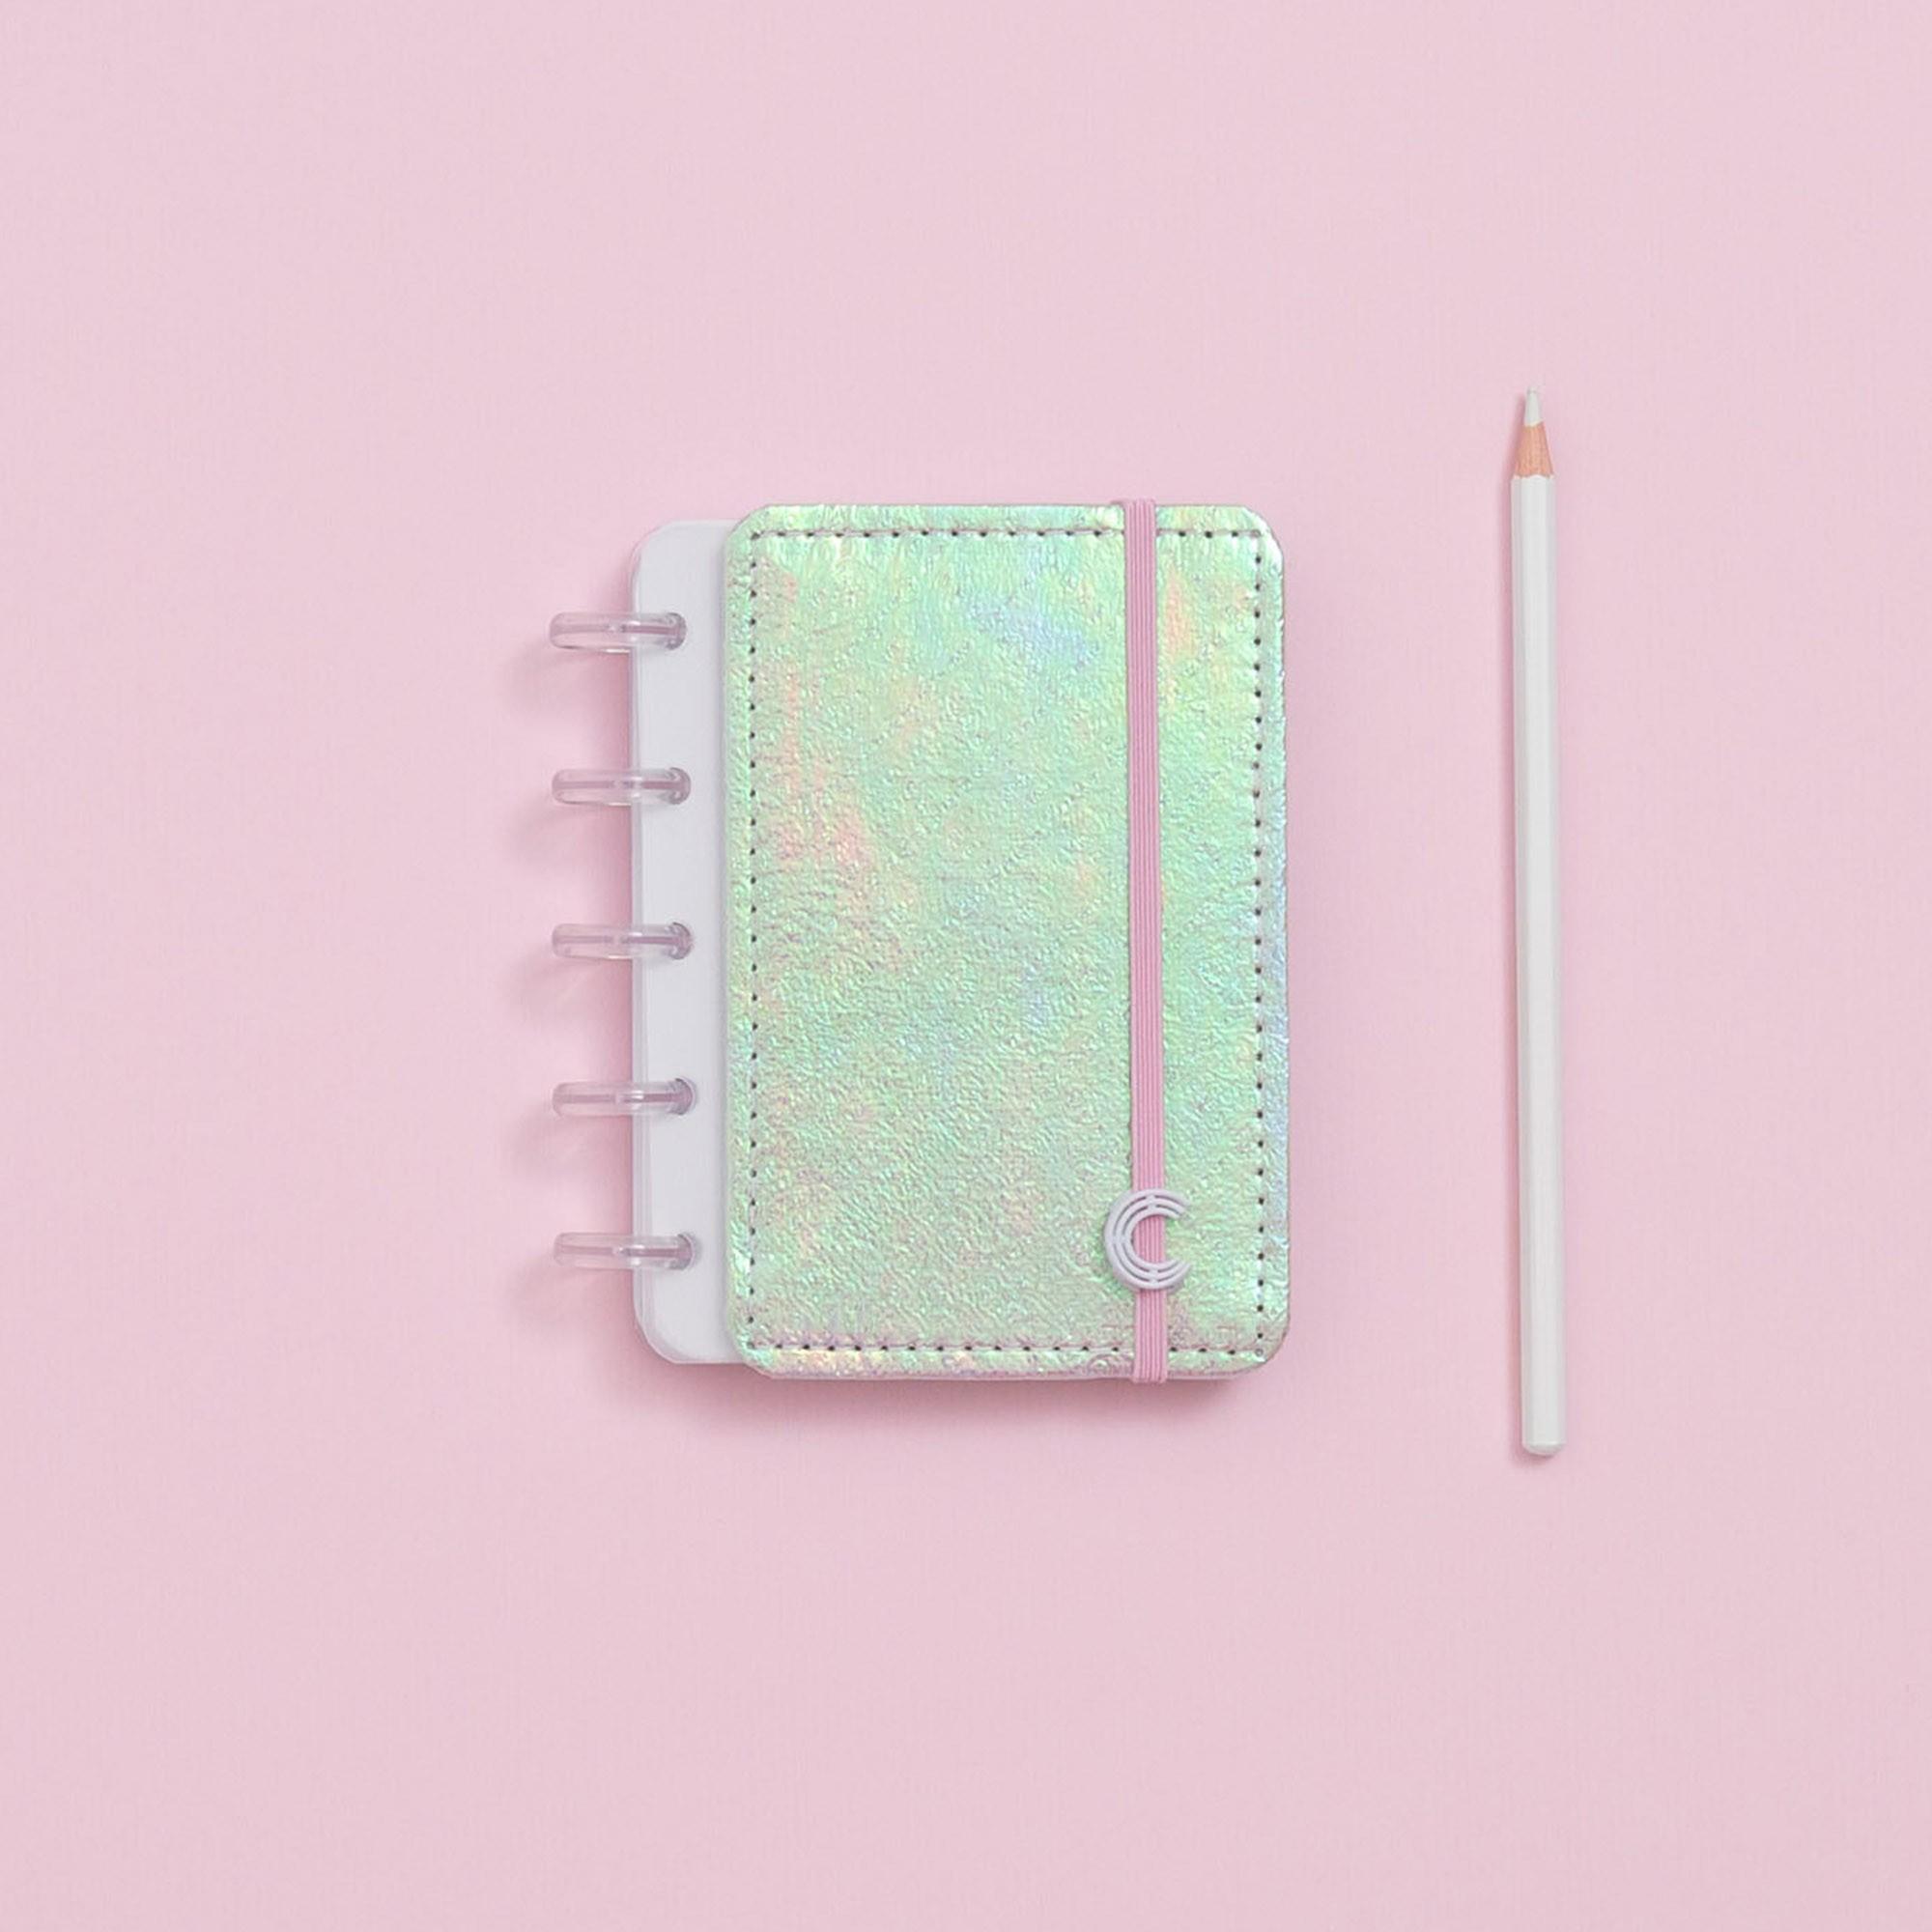 Caderno Inteligente Inteligine Sereando Rosa Holográfico